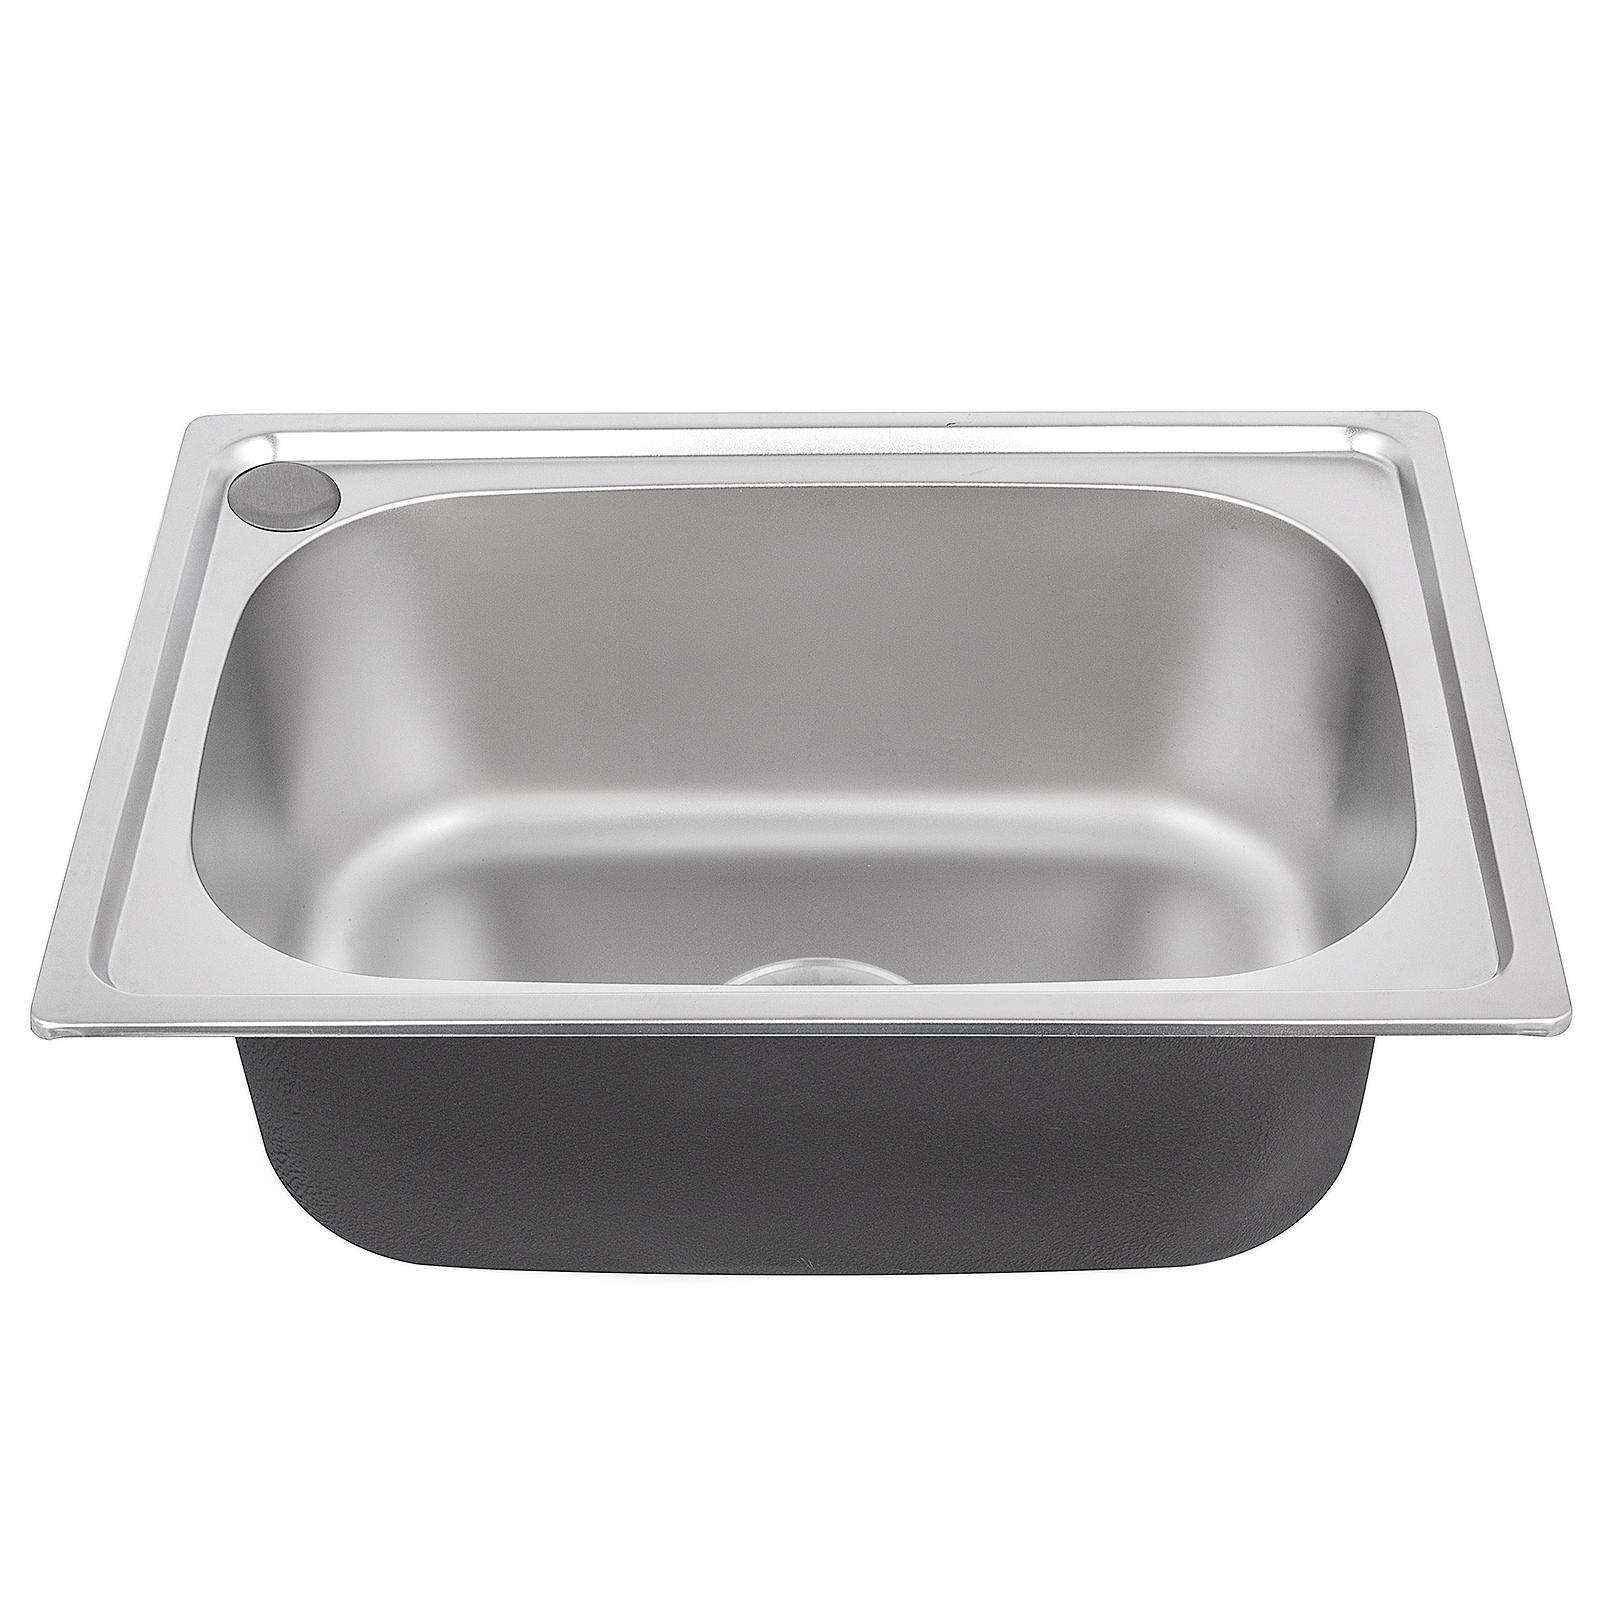 Lavello acciaio da cucina una vasca in acciaio Lavello inox da ...